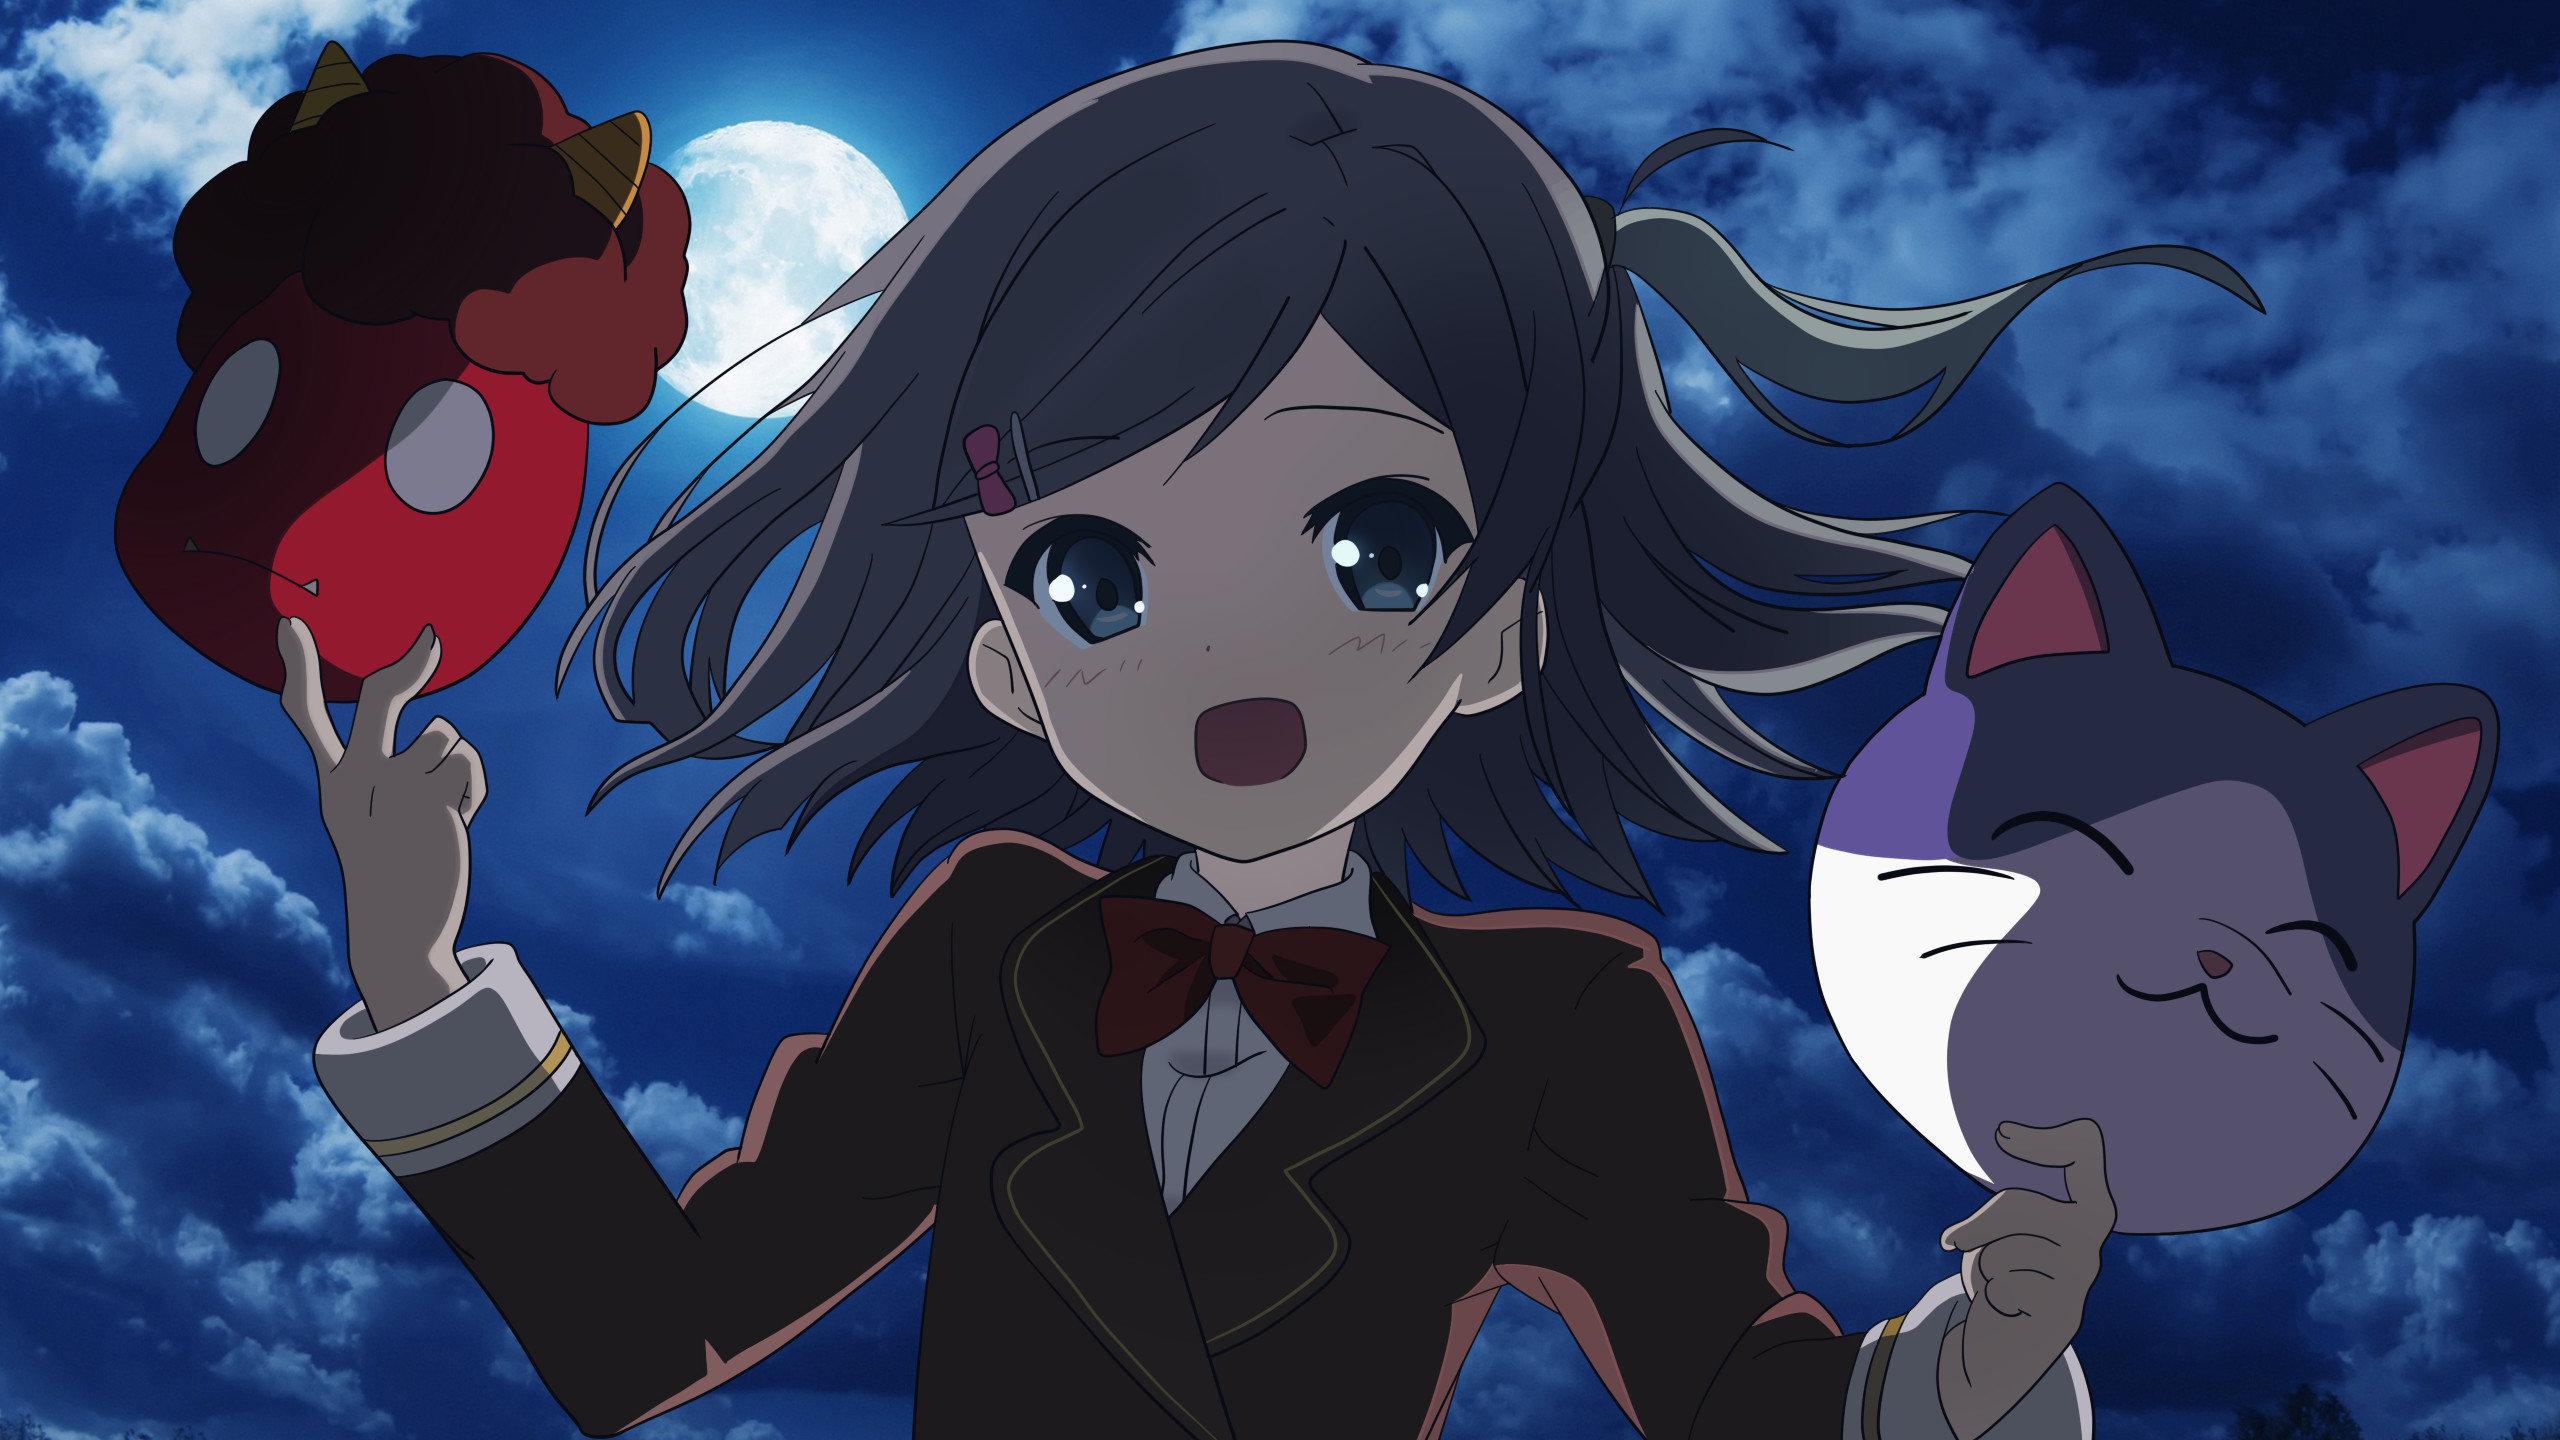 Download Hd 2560x1440 Hentai Oji To Warawanai Neko Desktop